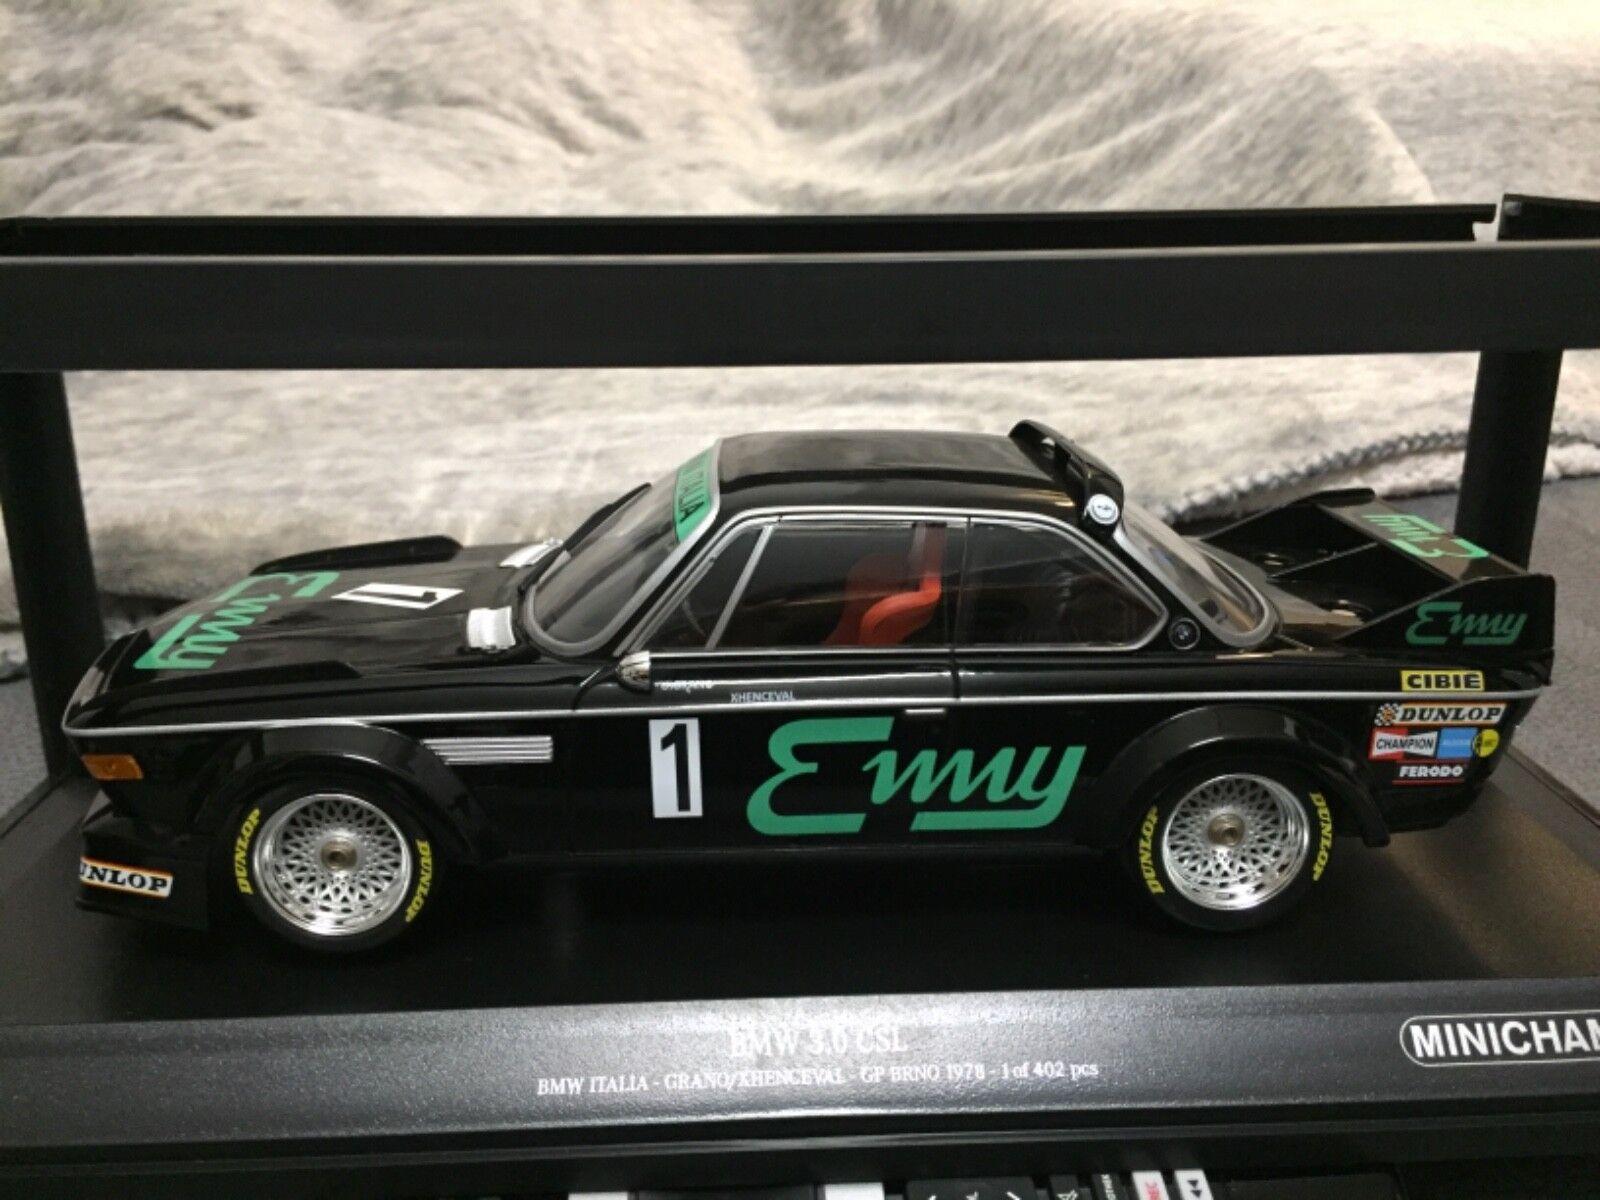 BMW 3.0 CSL BMW ITALIA GP BRNO 1978 1 18 Minichamps